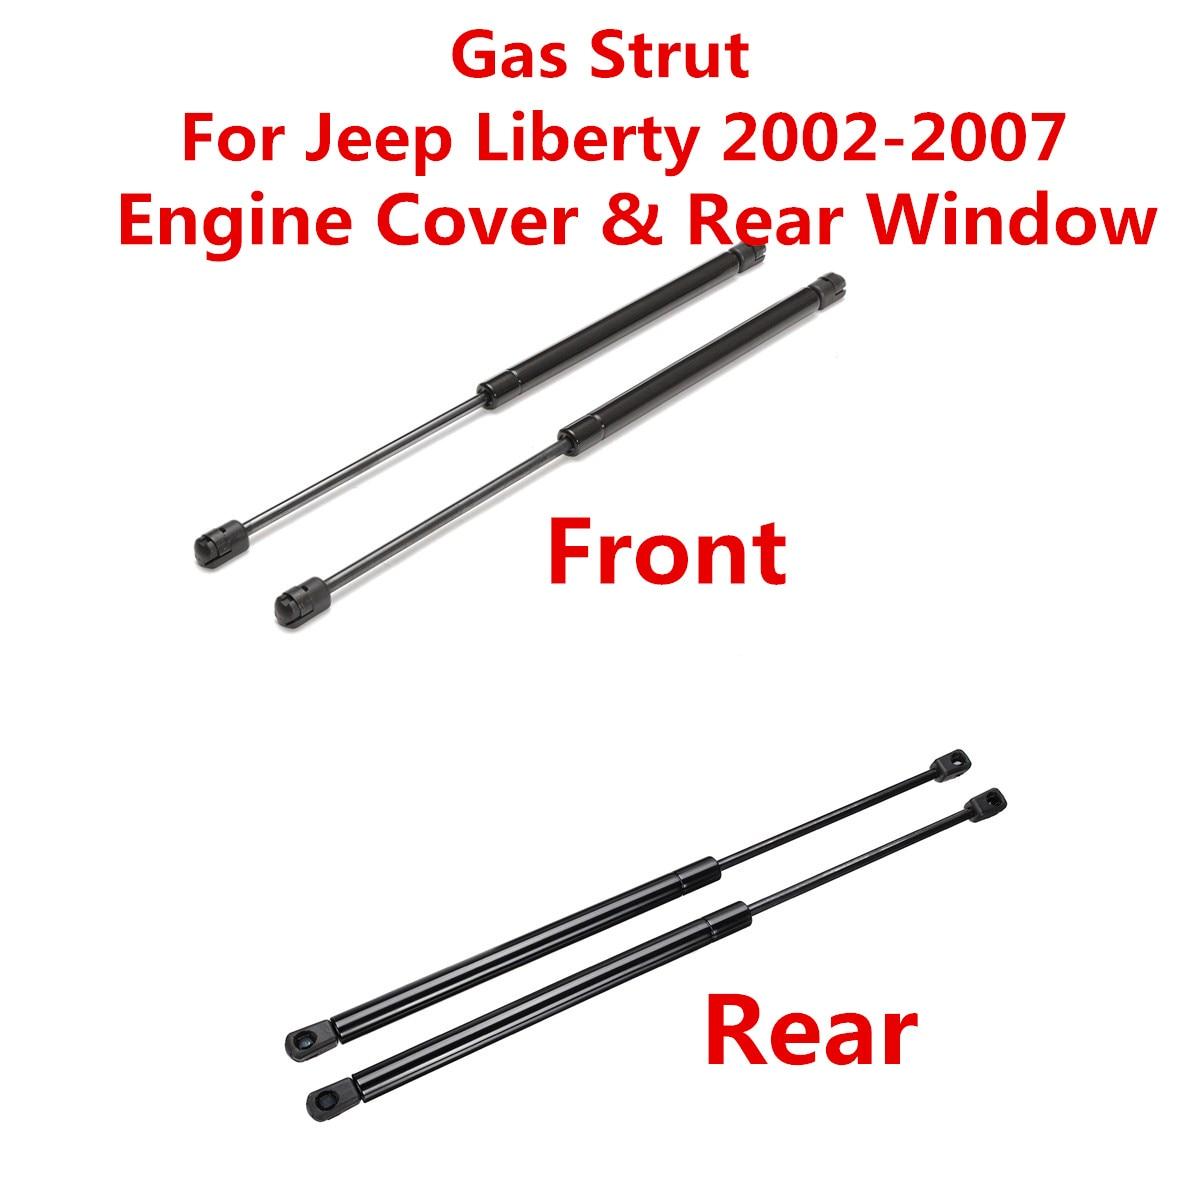 Araba Ön motor kaputu kapağı Arka Cam Asansör Şokları Destekler Bar gazlı amortisör Jeep Liberty 2002 Için 2003 2004 2005-2007